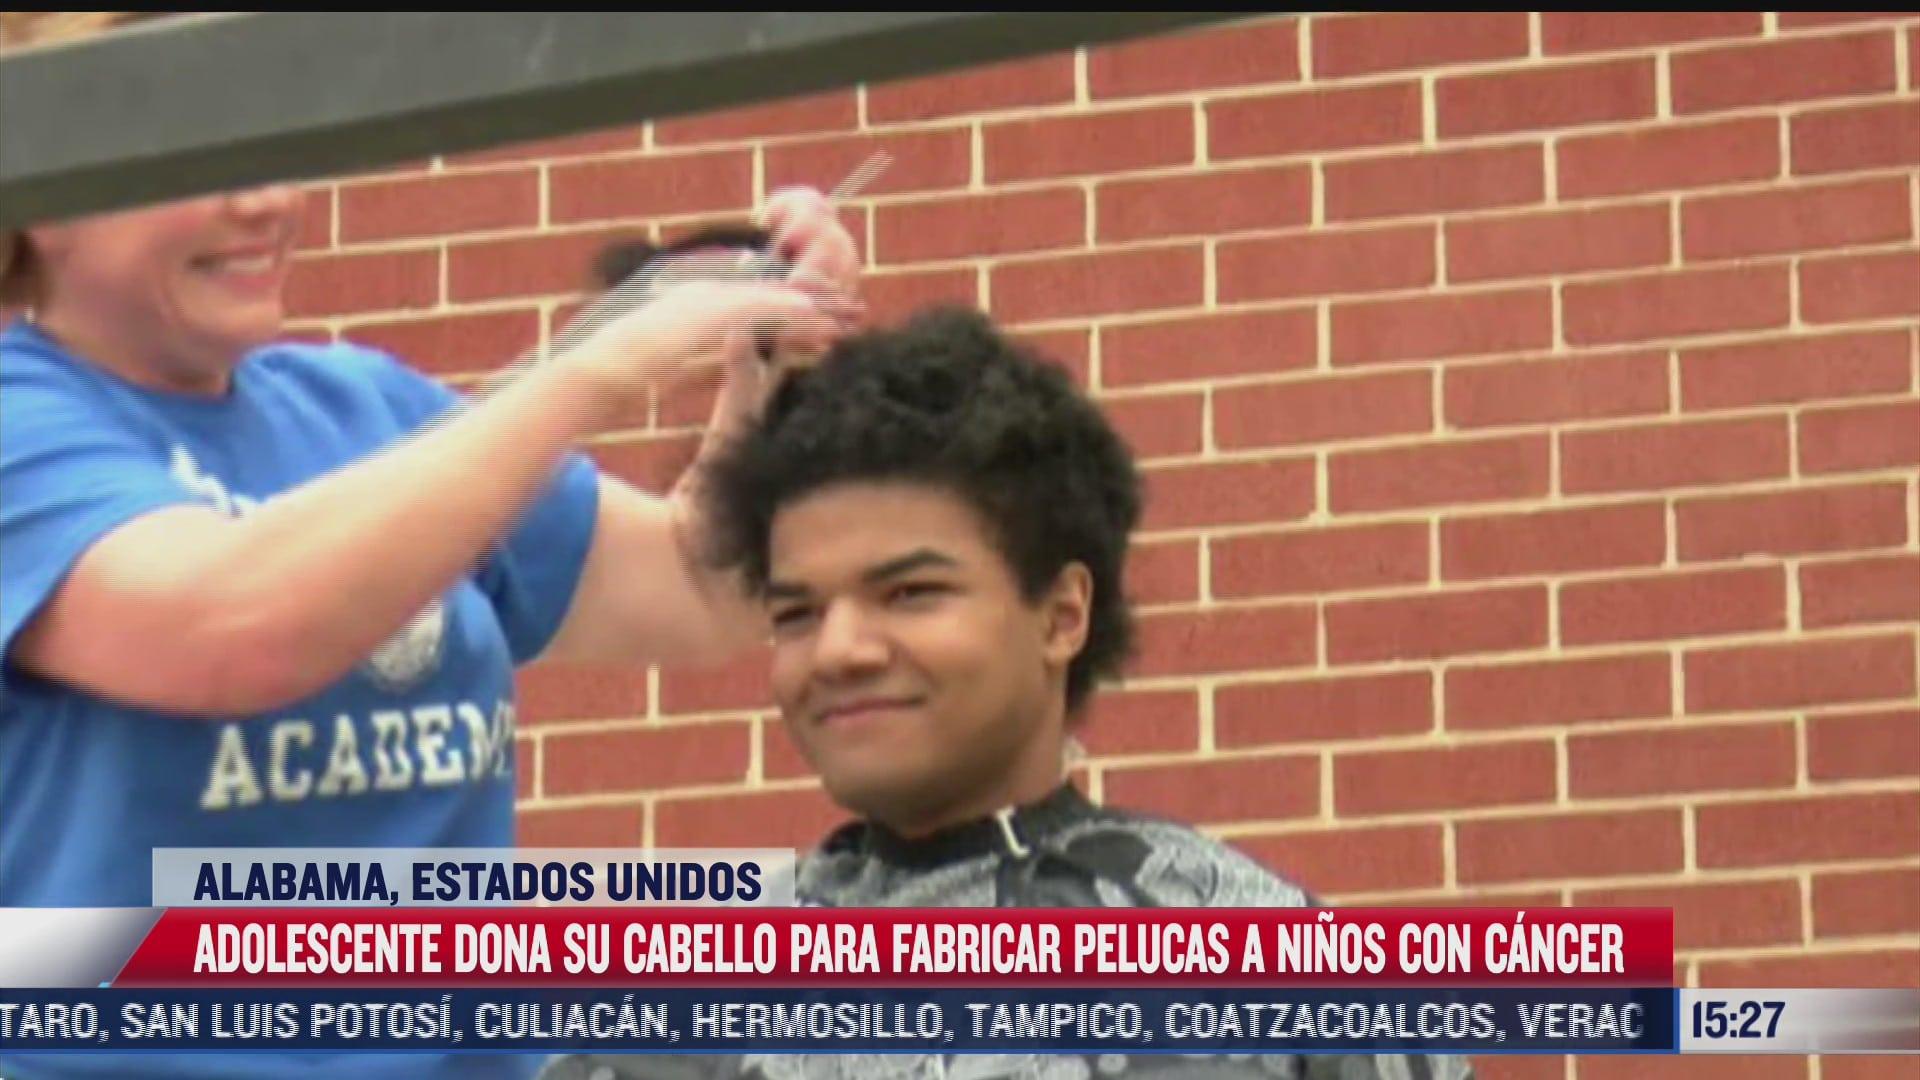 adolescente dona cabello para ninos con cancer